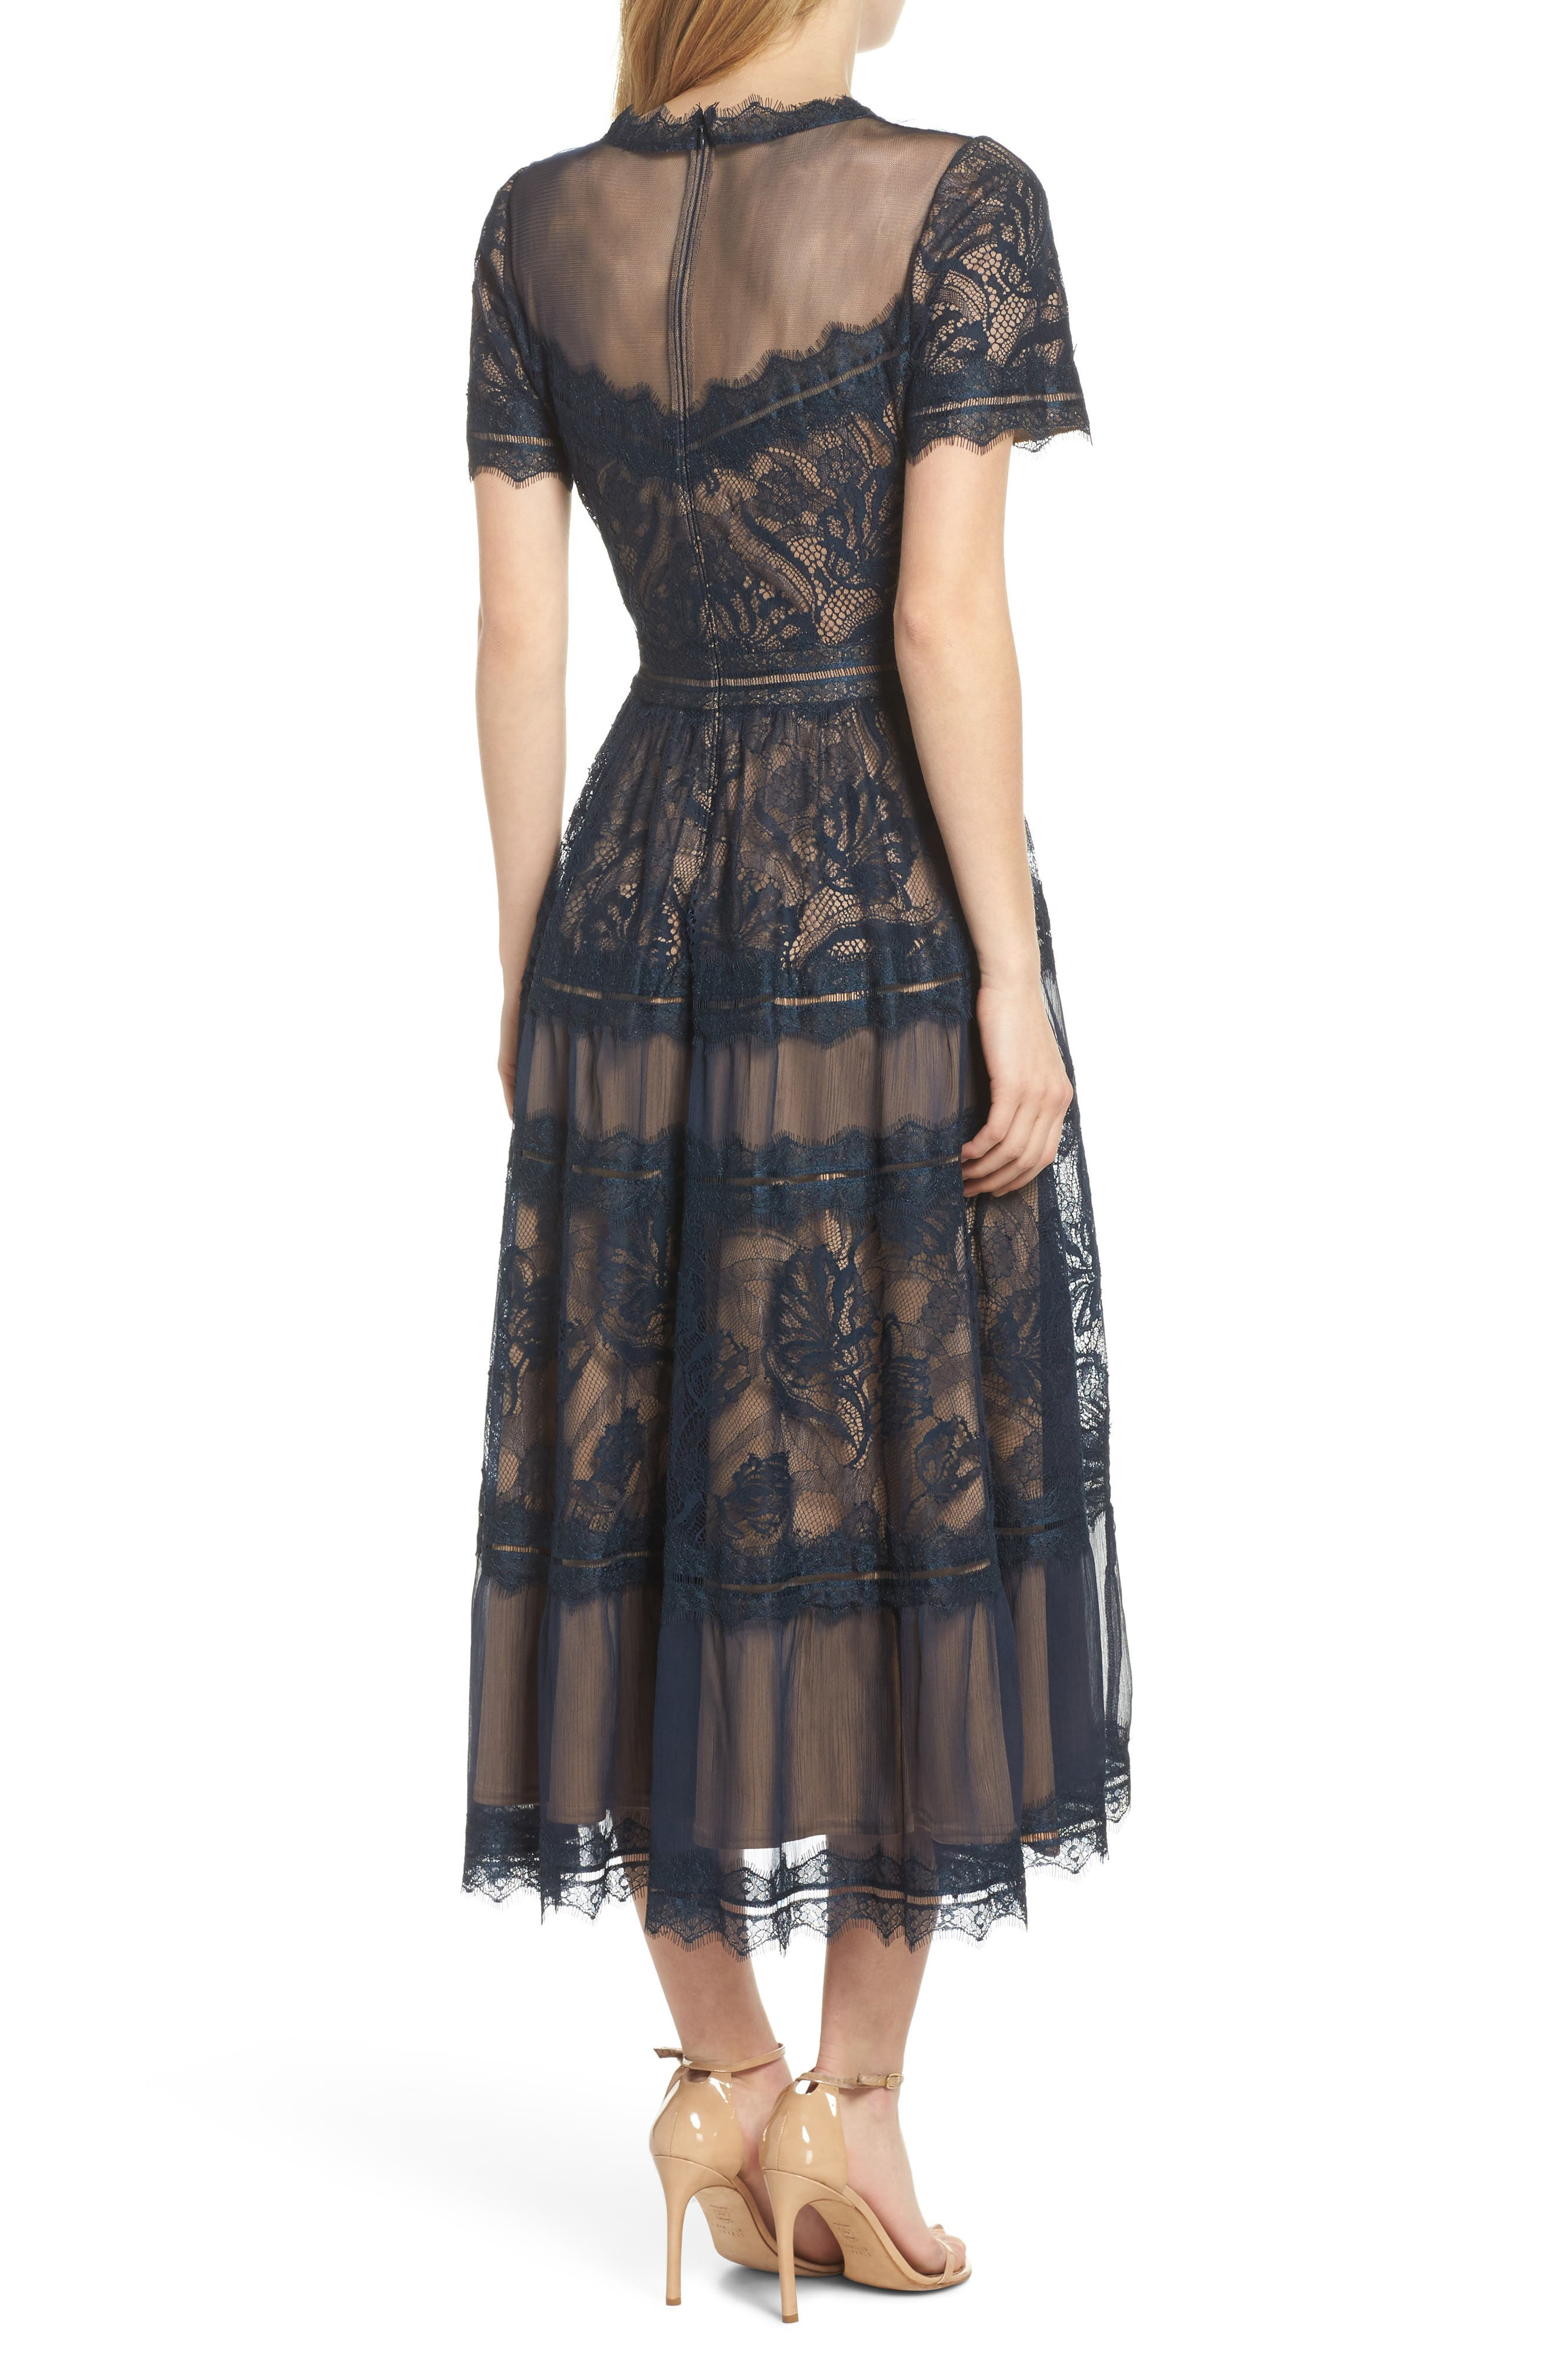 TADASHI SHOJI, Lace Midi Dress, Alternate thumbnail 2, color, NAVY/ NUDE